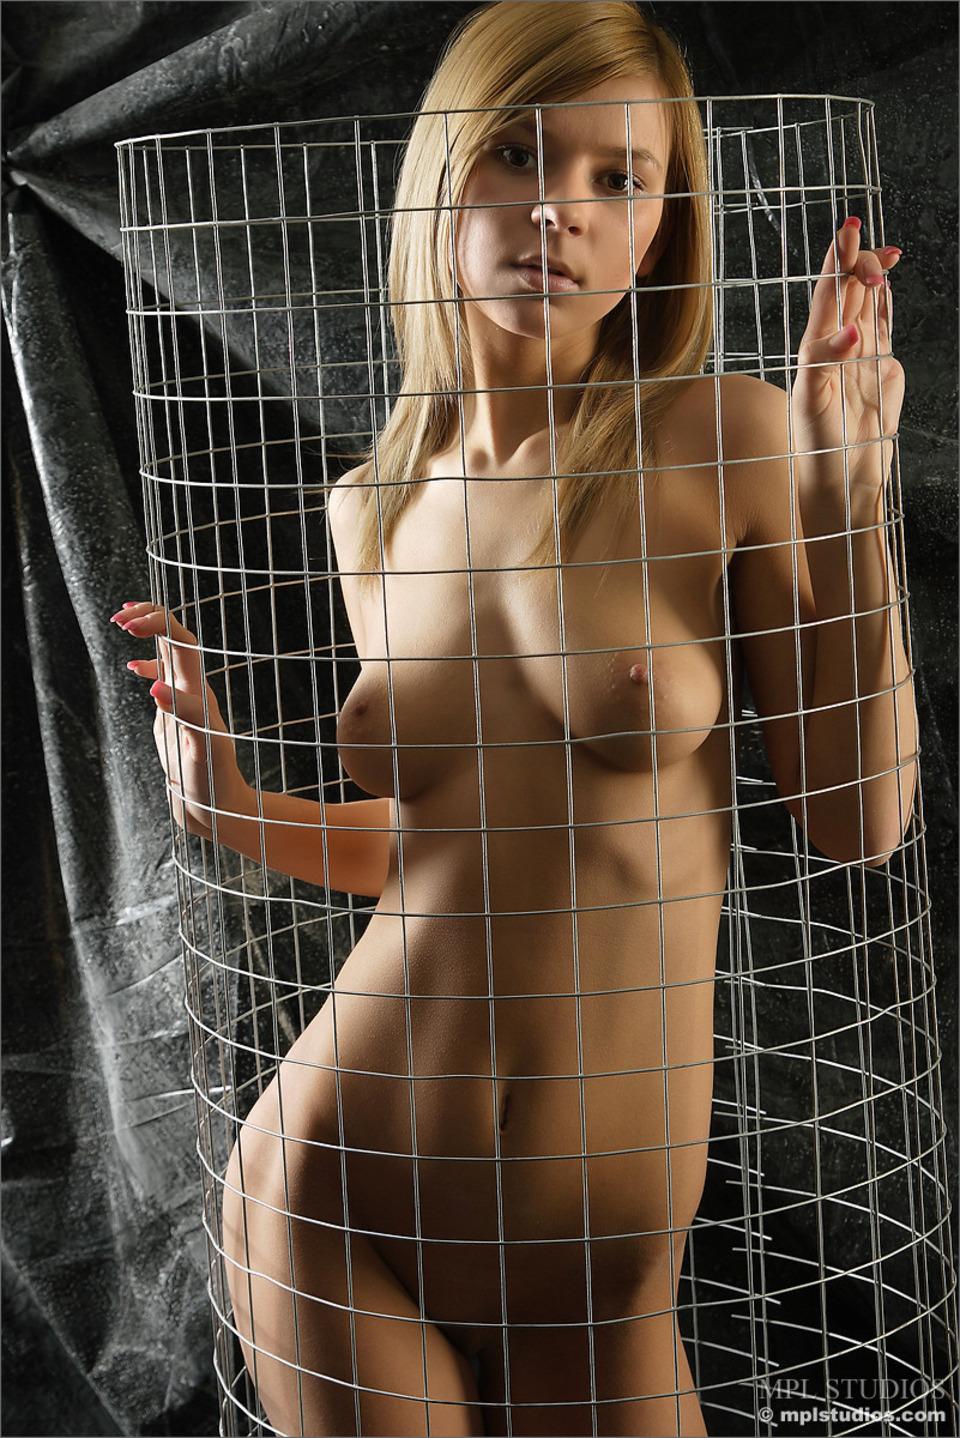 Сучки в клетке 16 фотография